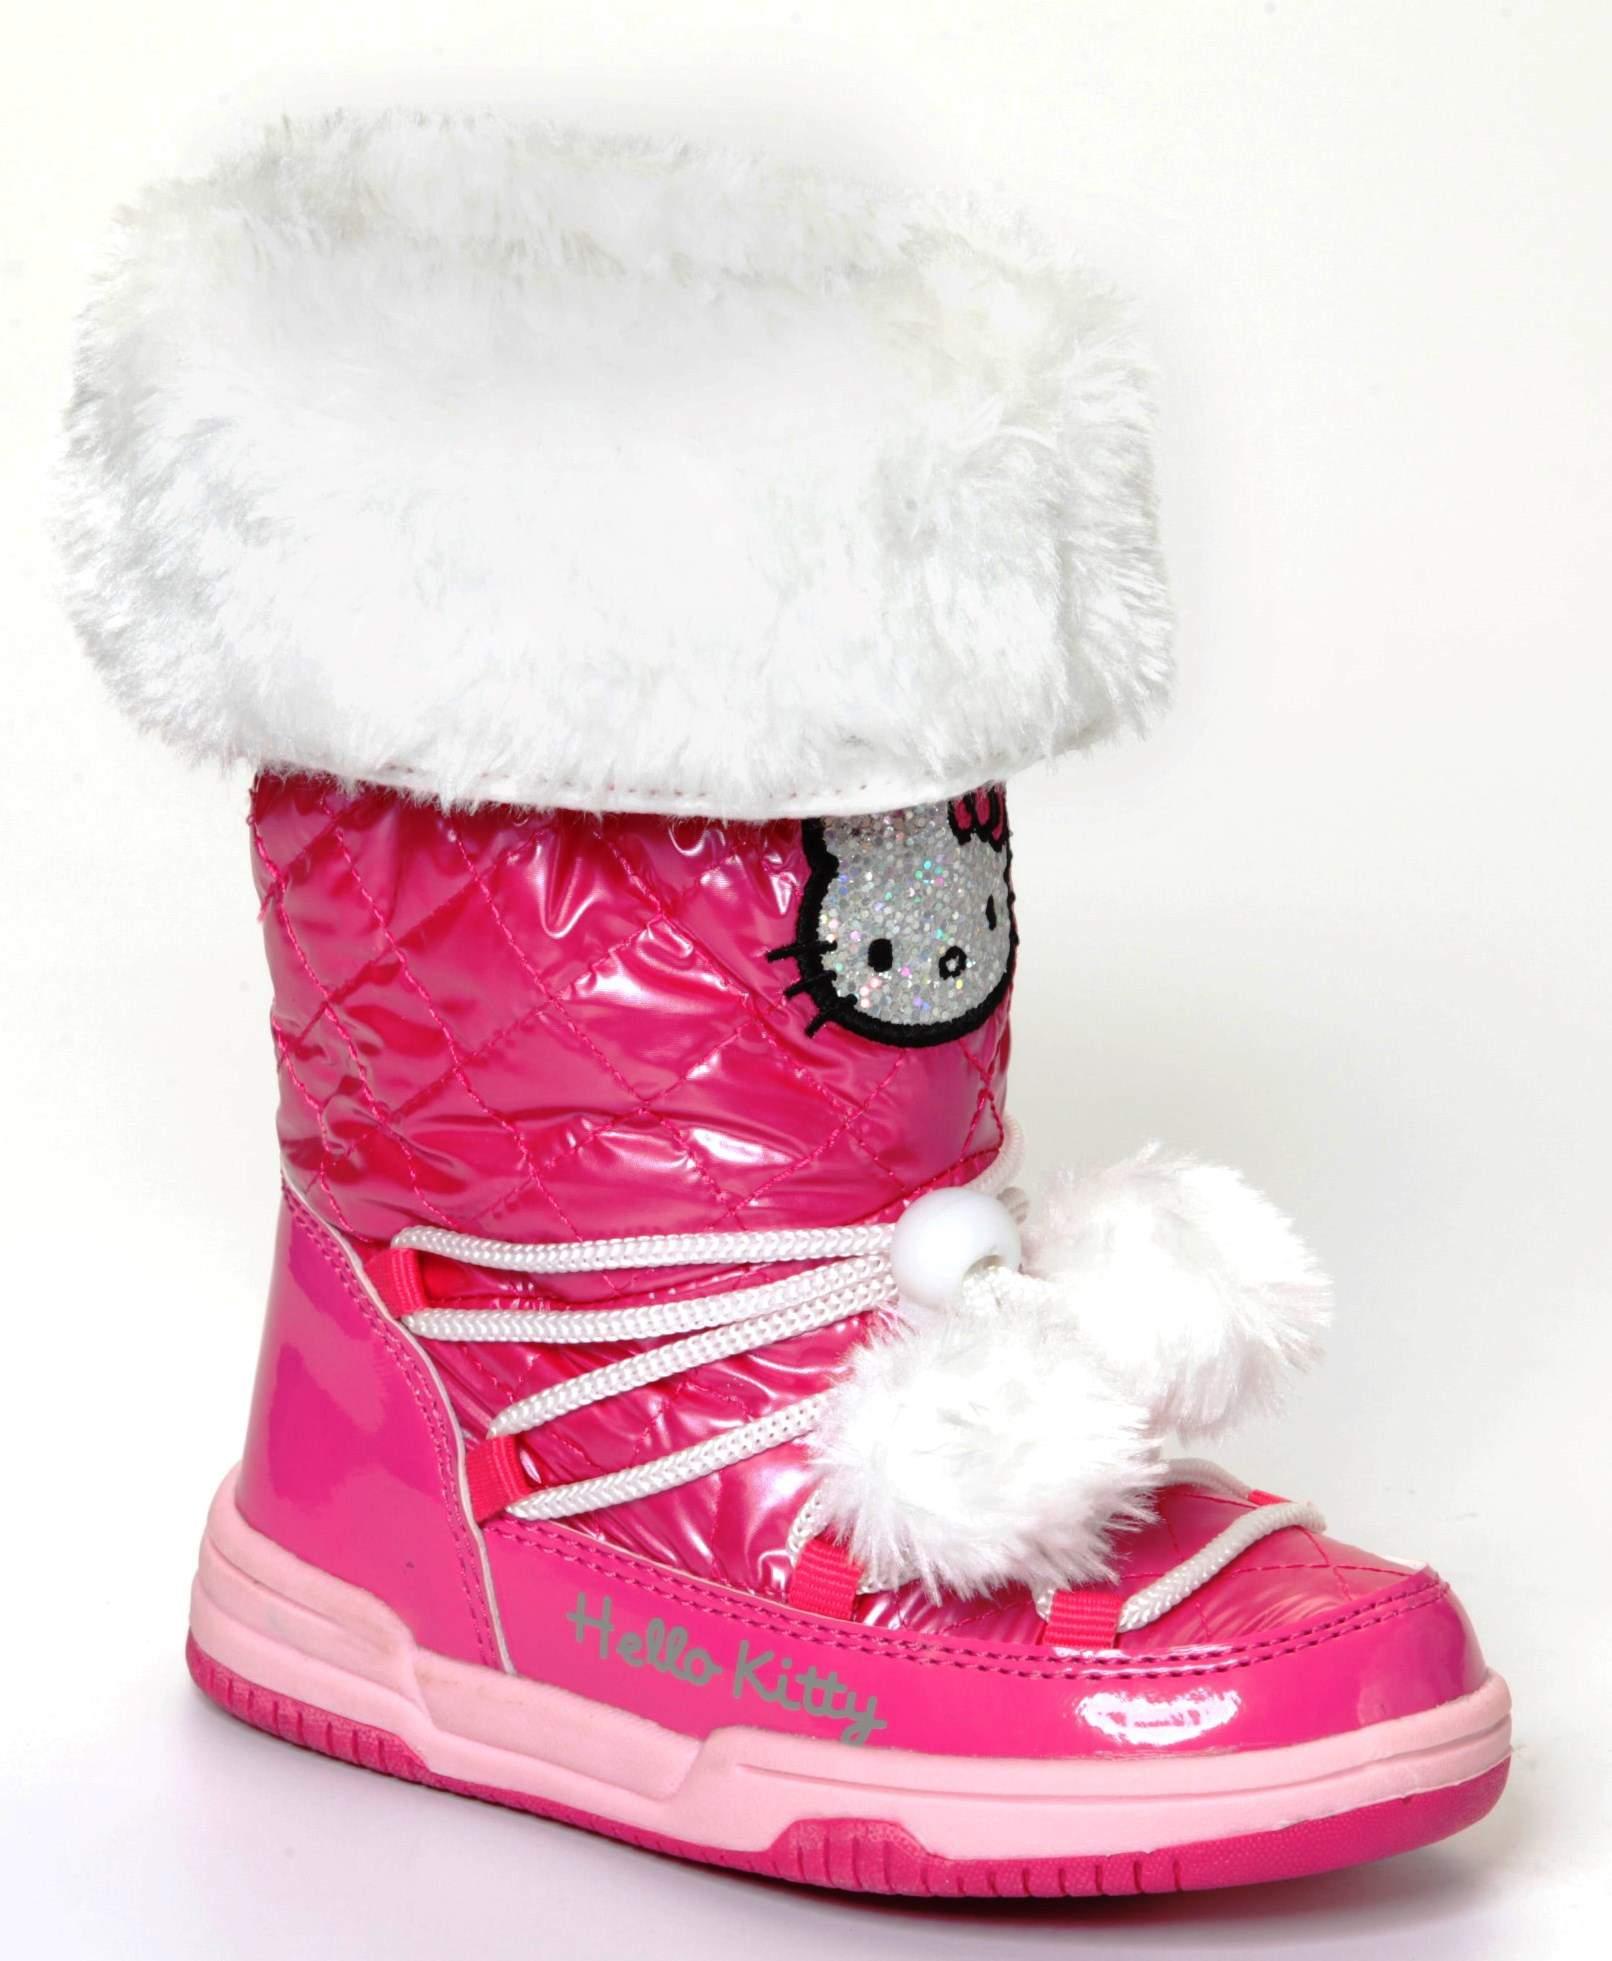 """פרווה ופונפונים צחורים. ו""""הלו קיטי"""" בחרטום. כ-220 שקלים. נעלי גלי. צילום: מנחם עוז"""